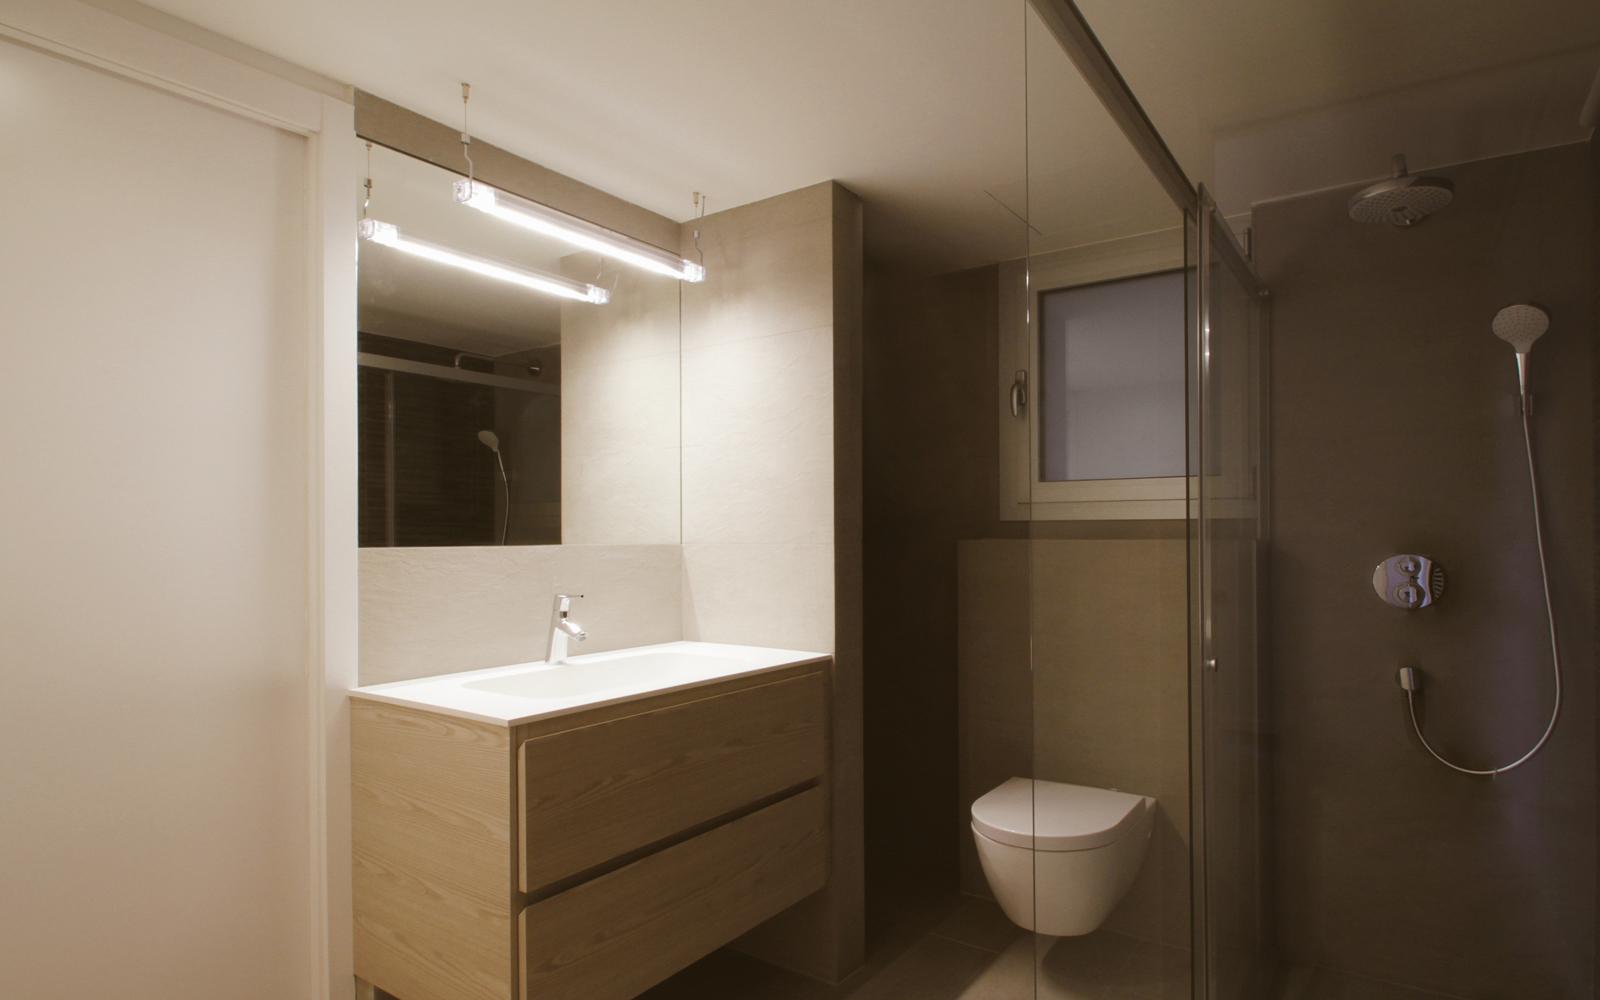 Reforma integral gran v a carles iii funcionalidad y for Coste reforma integral piso 90 metros